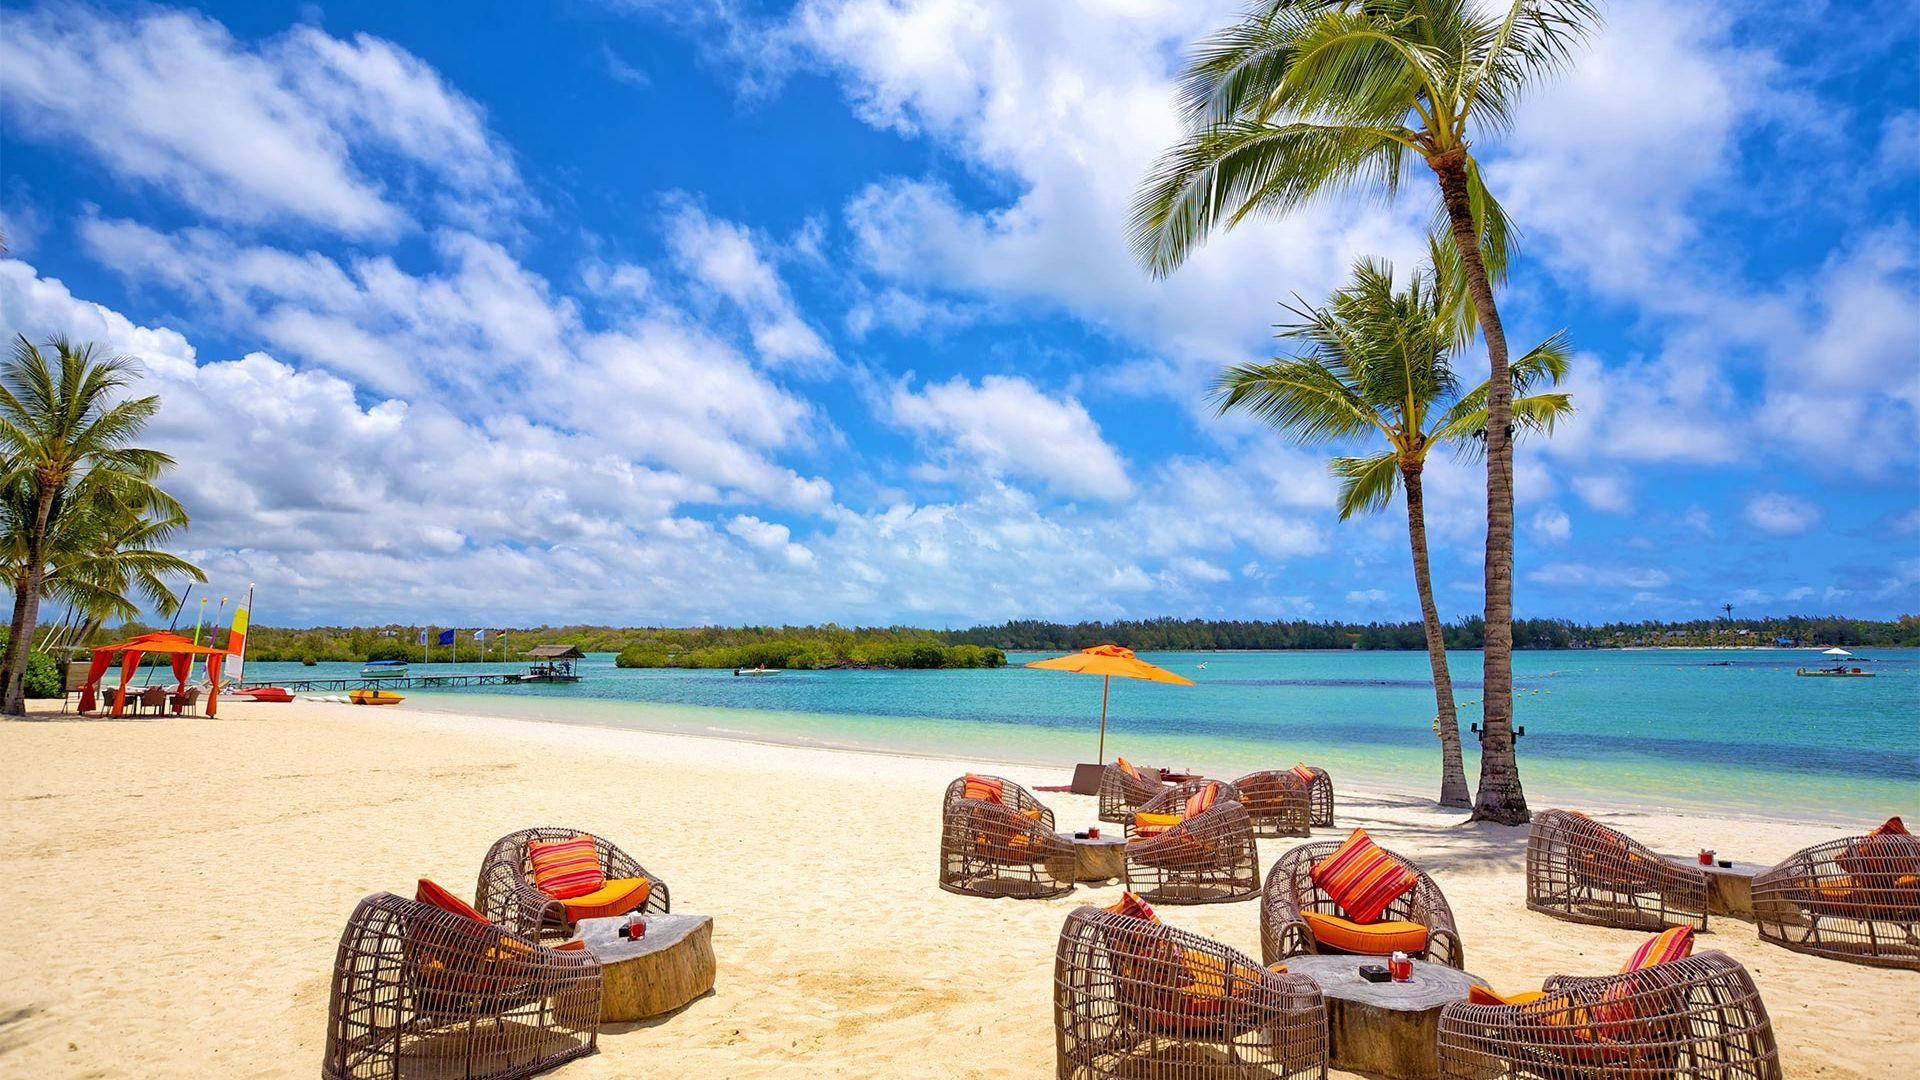 Sejur plaja Mauritius, 10 zile - 26 noiembrie 2021